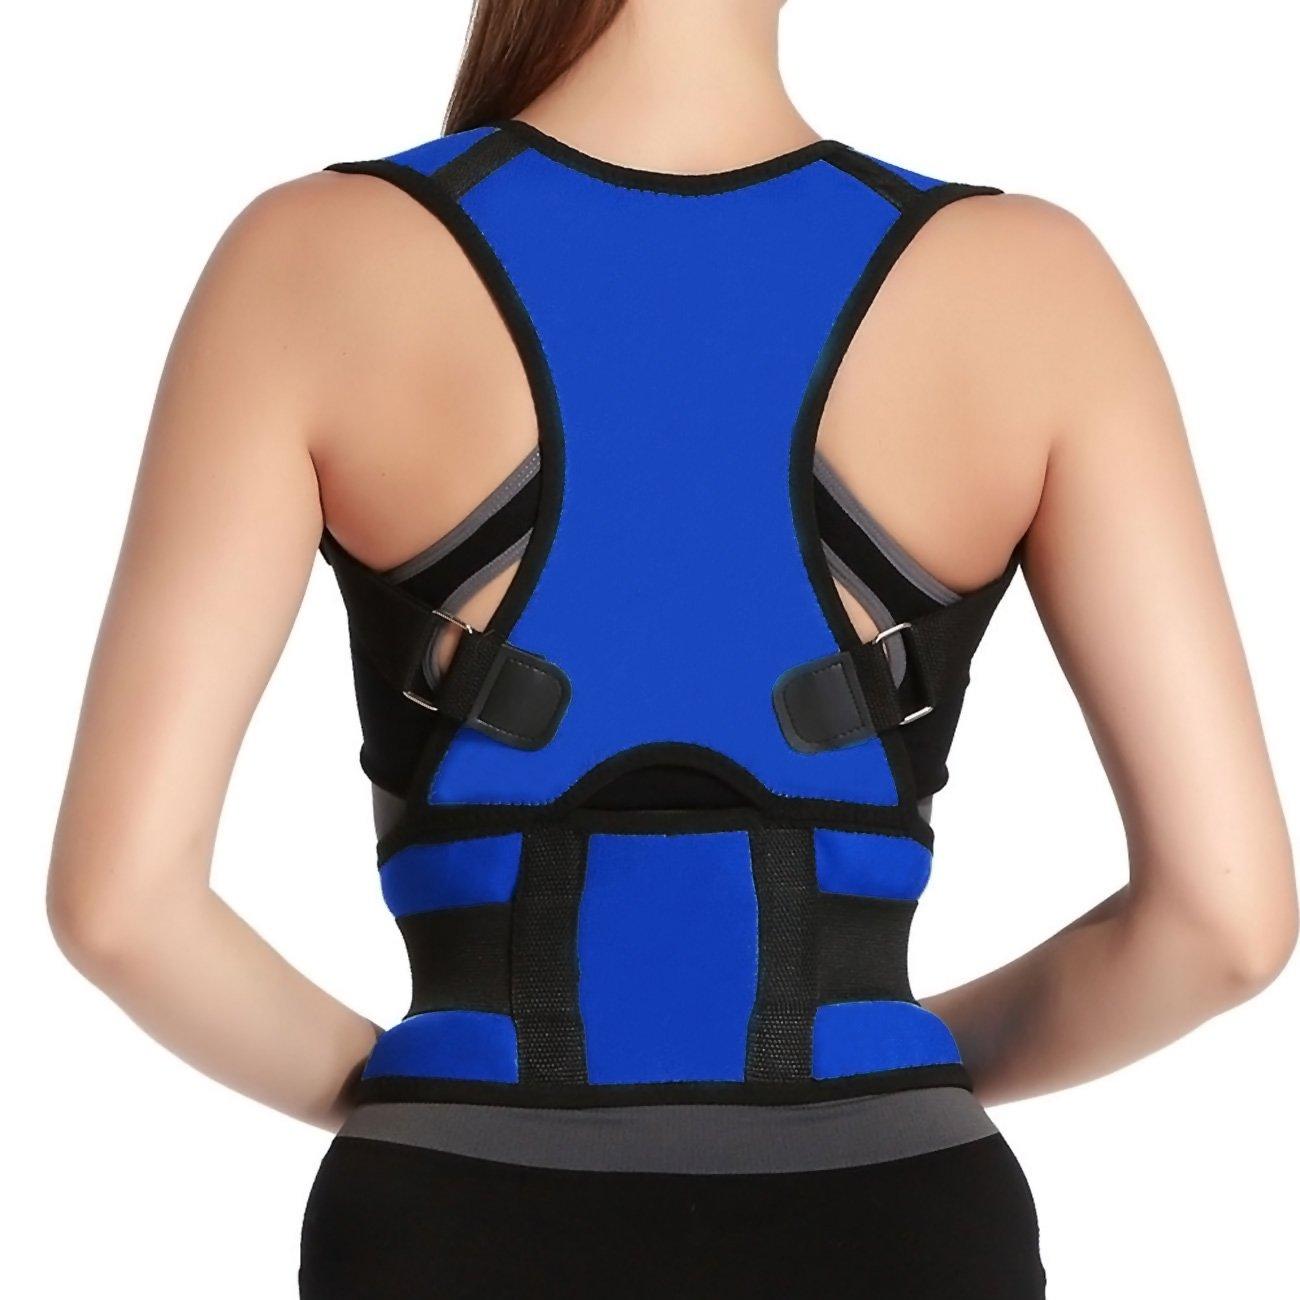 Adjustable Back Support Posture Corrector Brace Posture Correction Belt for Men Women Back Shoulder Support Belt Size L Blue